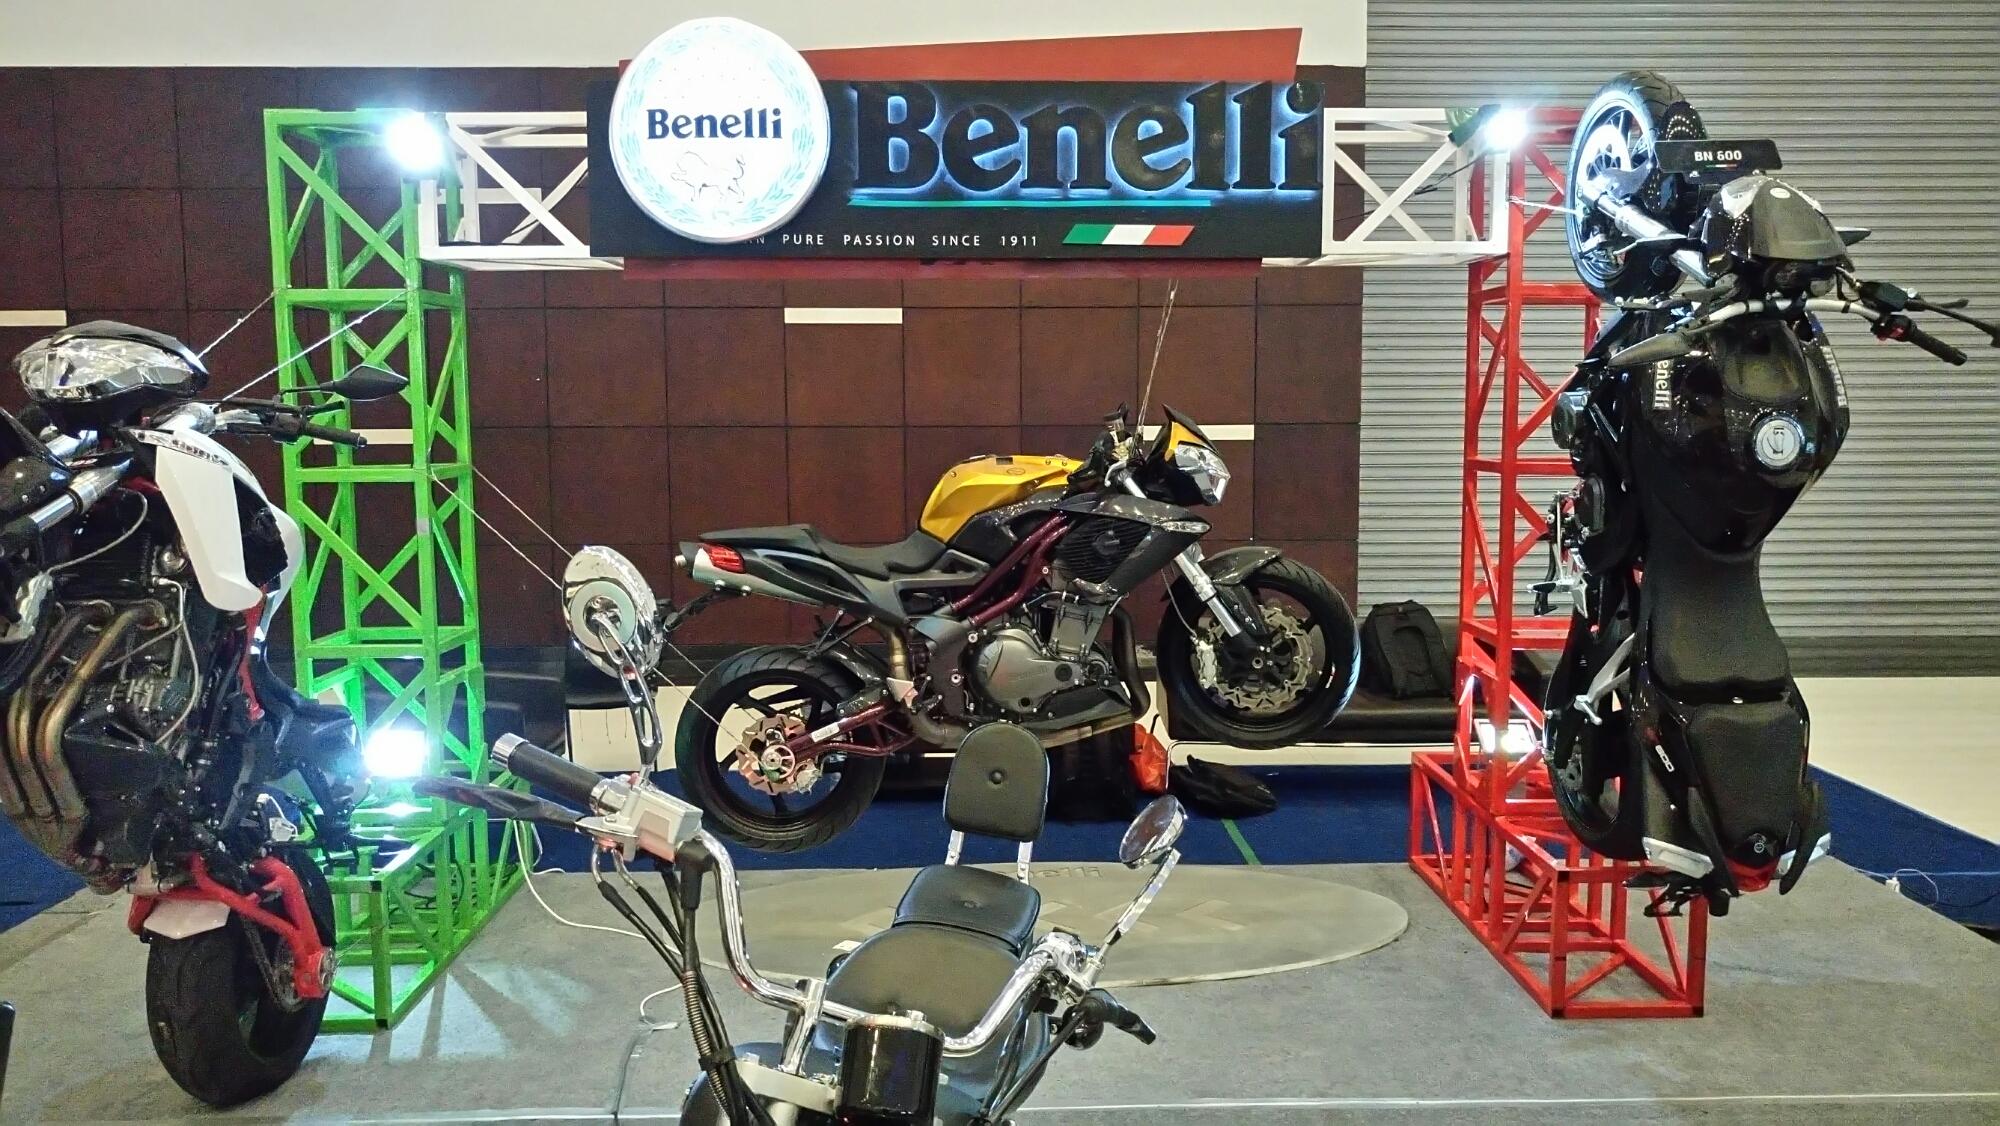 Harga motor Benelli dan contoh skema cicilan 2017   motorrio